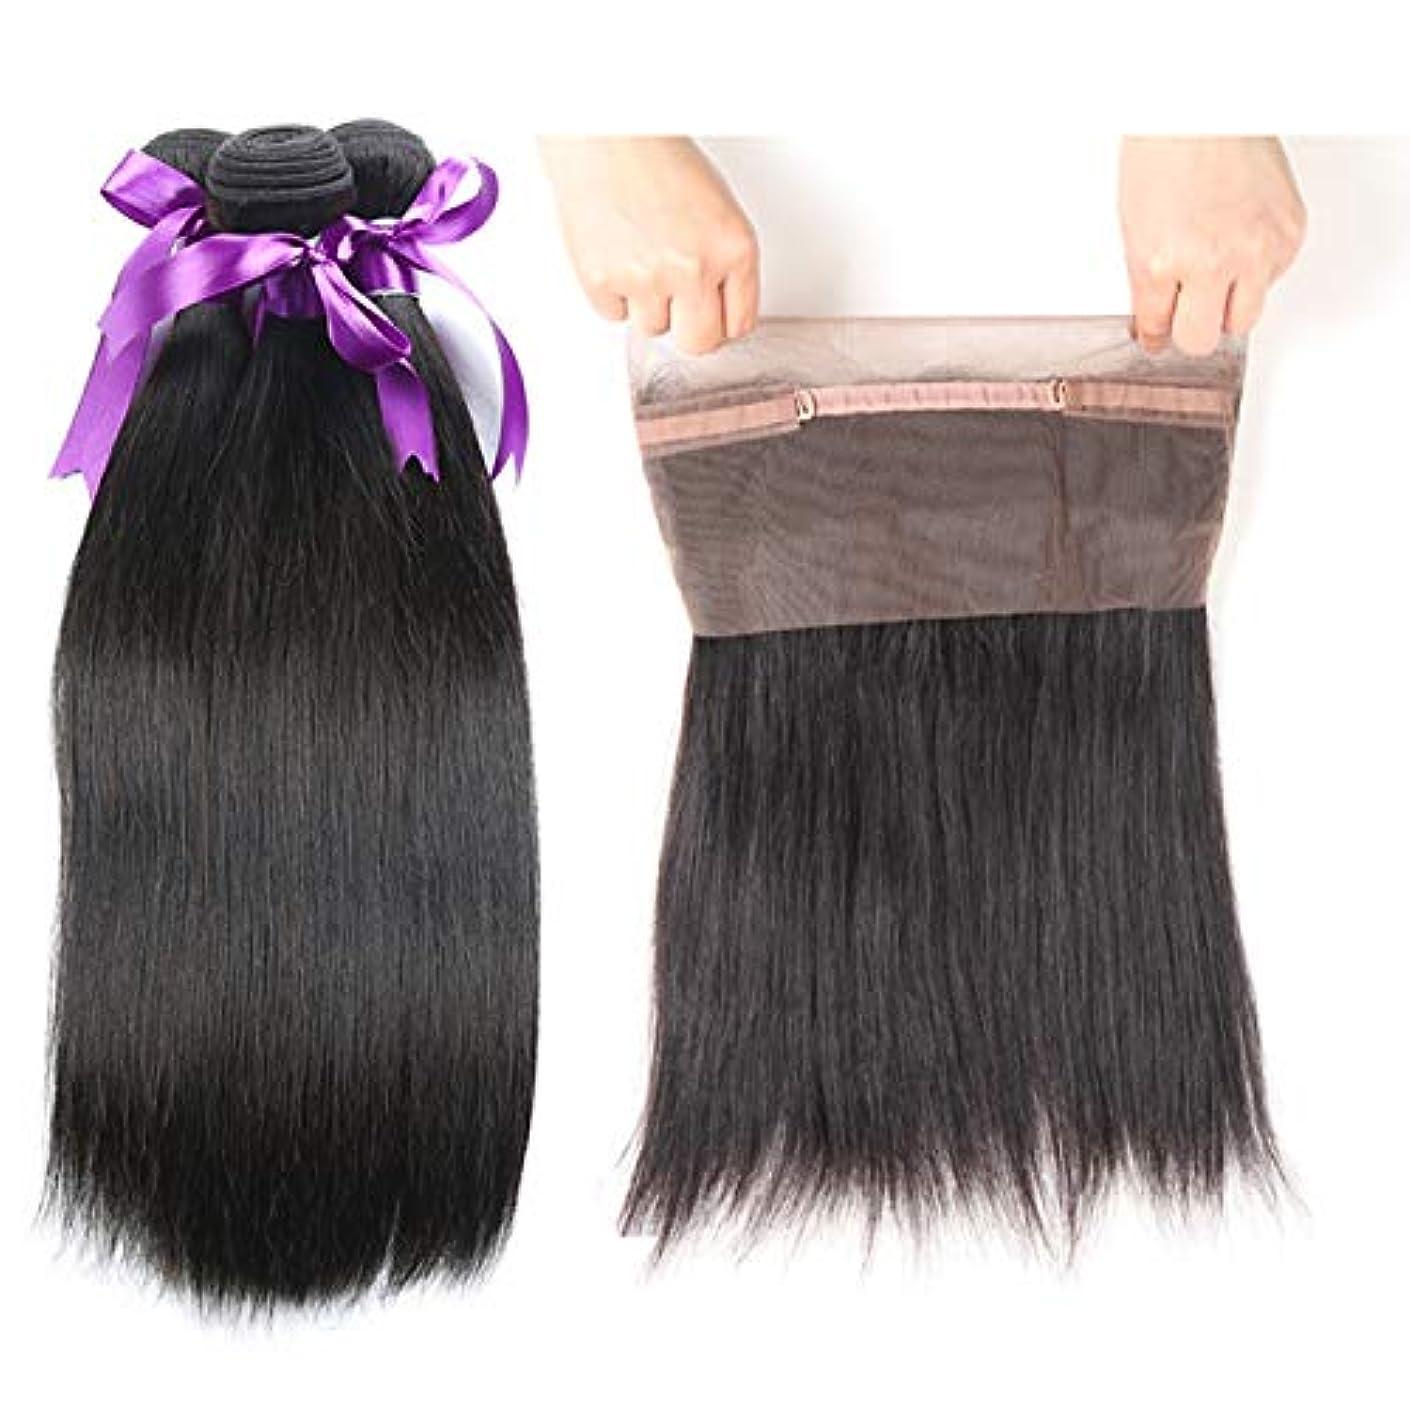 ペルーのストレートボディーヘア360束前頭閉鎖3束人間の髪の毛の束閉鎖Non-Remy (Length : 24 24 24 Closure20)